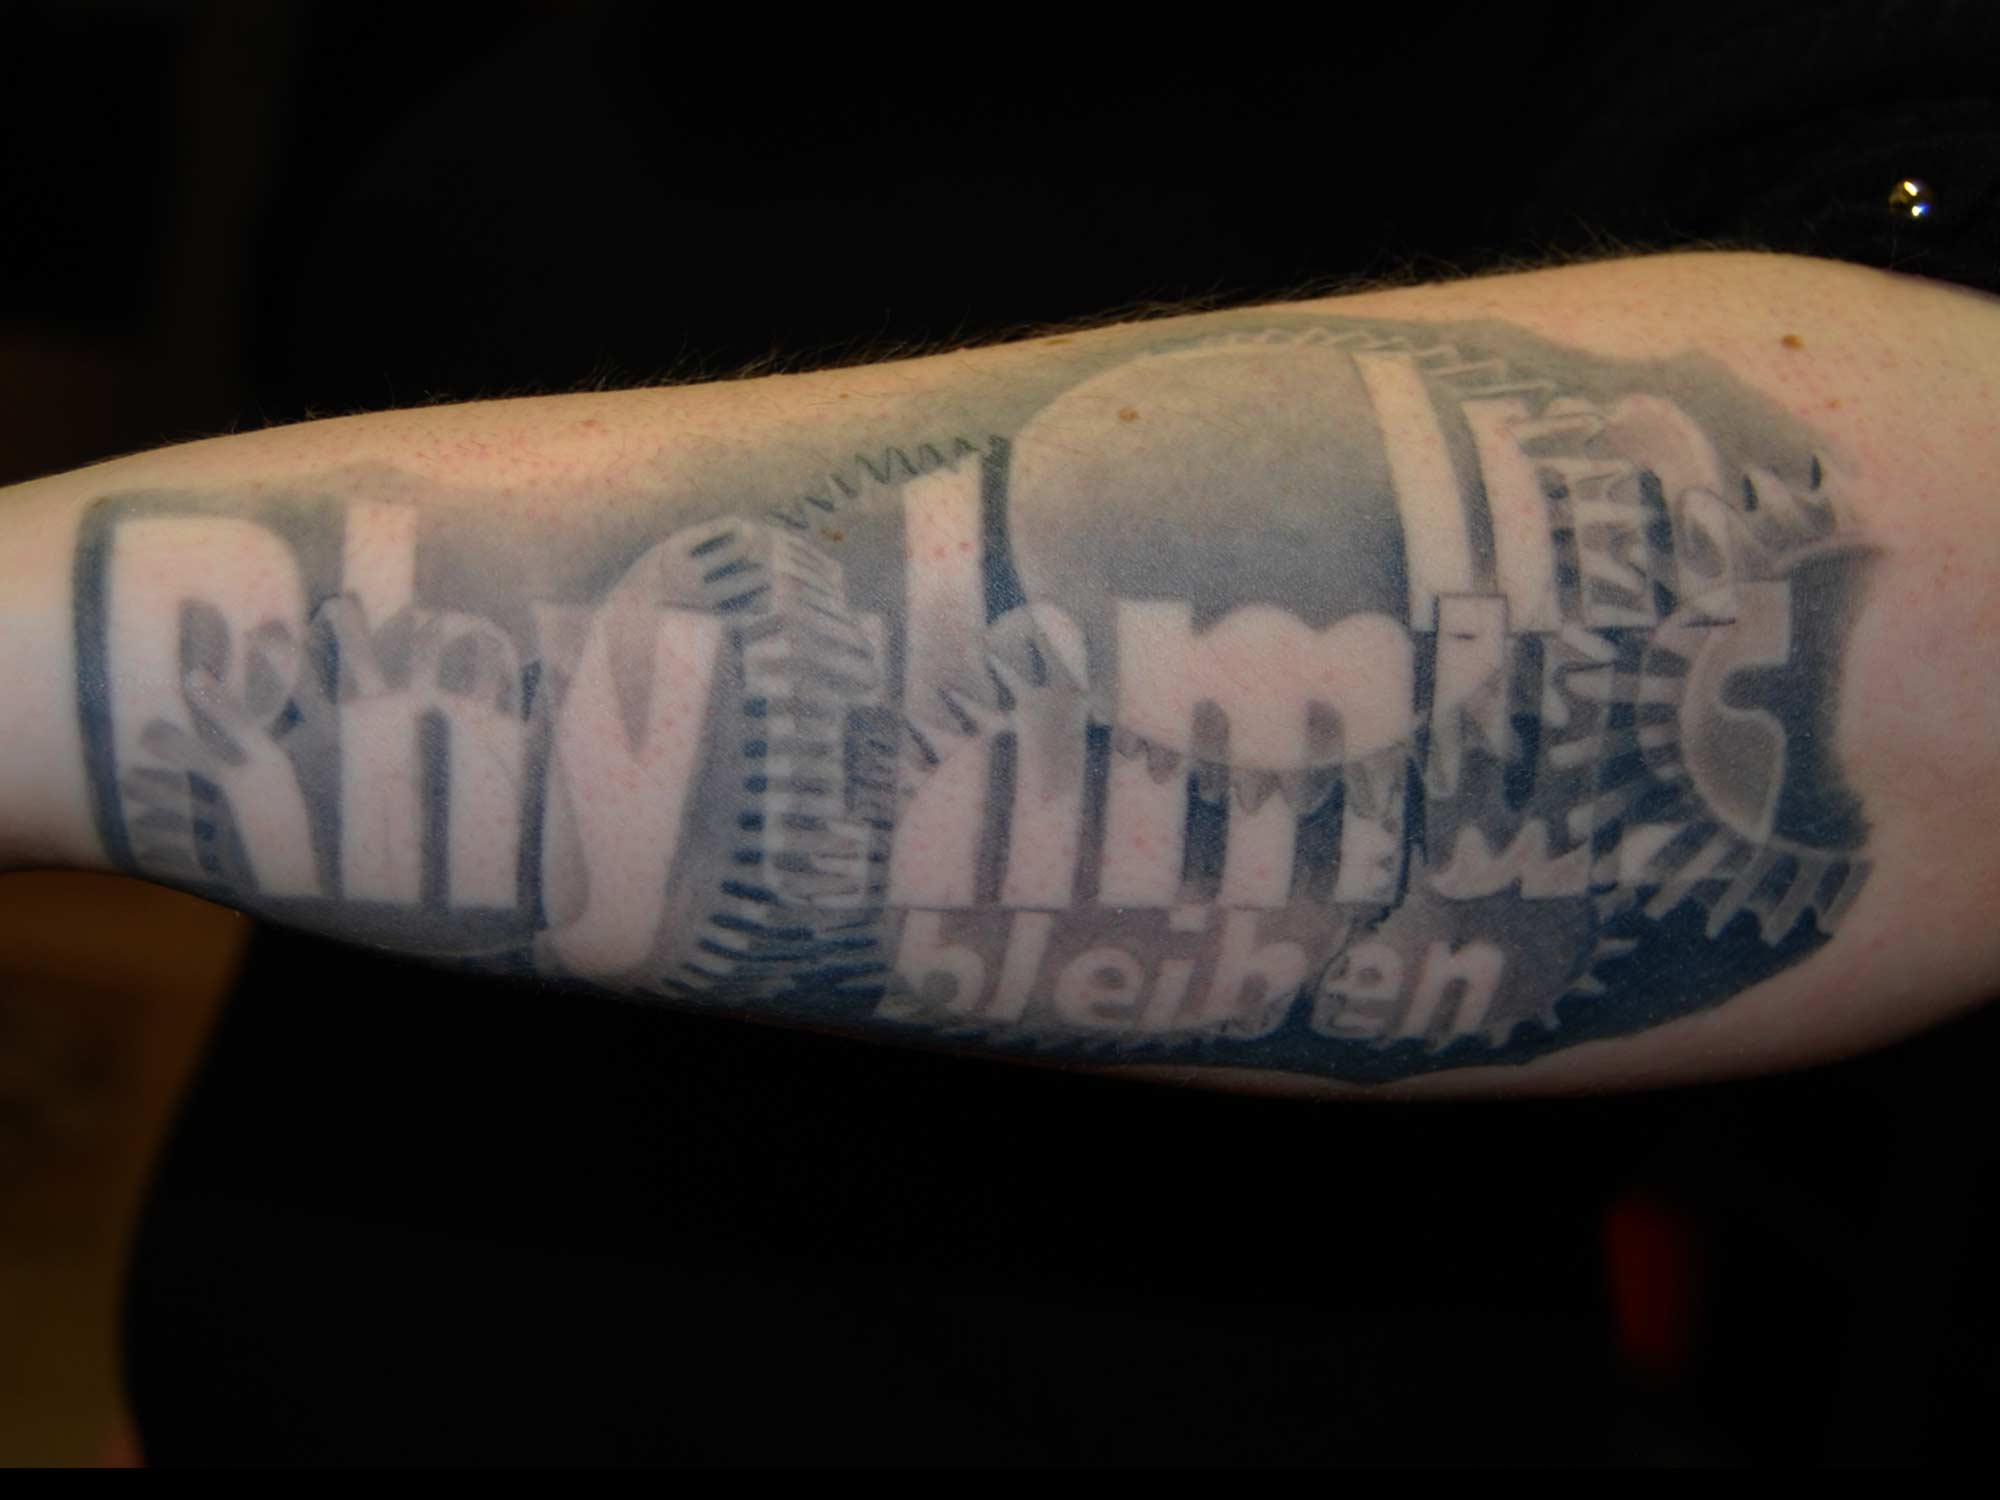 Zahnräder-Tattoo-mit-schrift--im-Rhythmus-bleiben